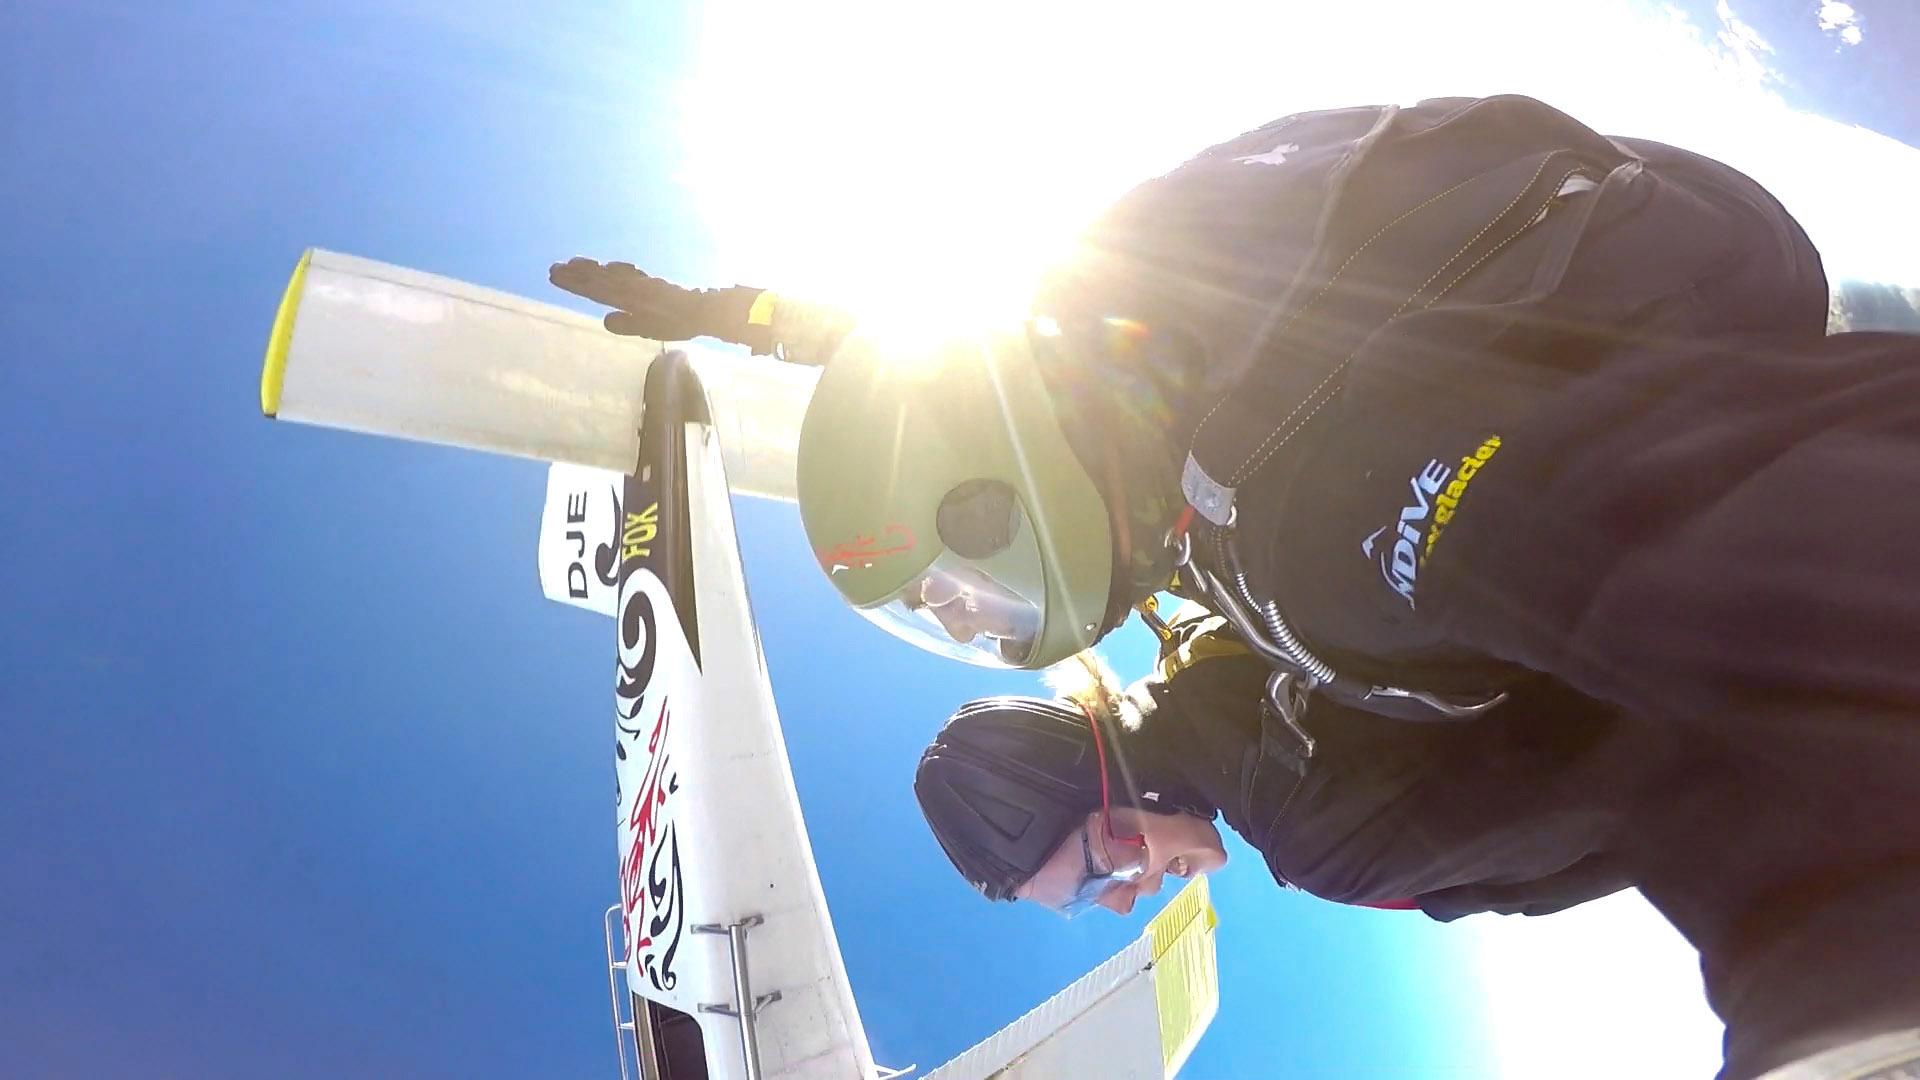 Skydive net uit het vliegtuig, we maken een rol in de lucht en het vliegtuig zien we op de achtergrond